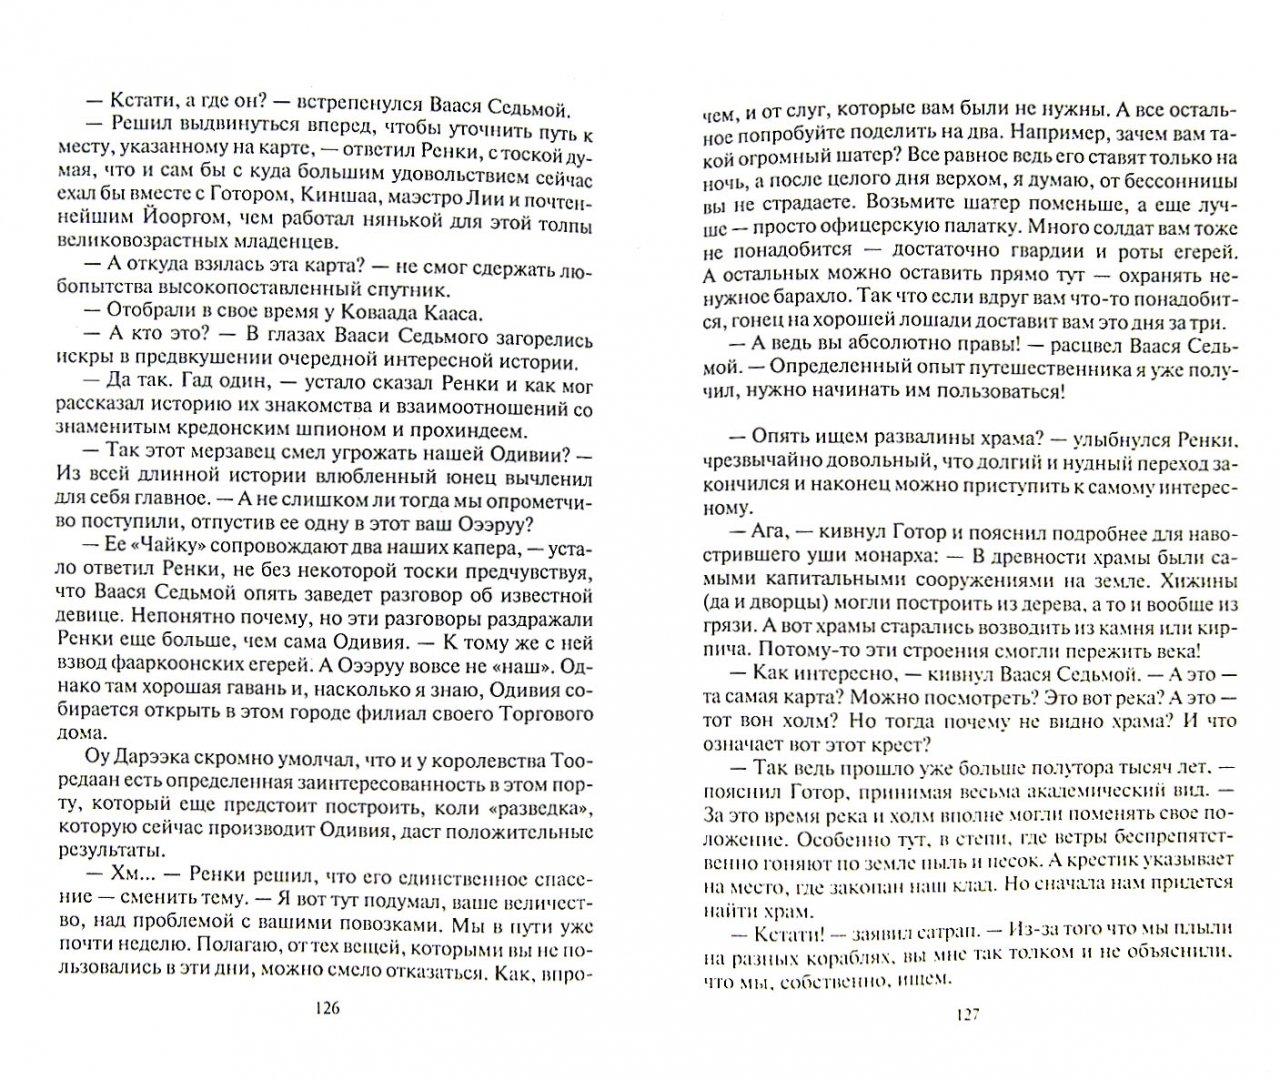 Иллюстрация 1 из 30 для Странный приятель. Таинственный Амулет - Егор Чекрыгин   Лабиринт - книги. Источник: Лабиринт